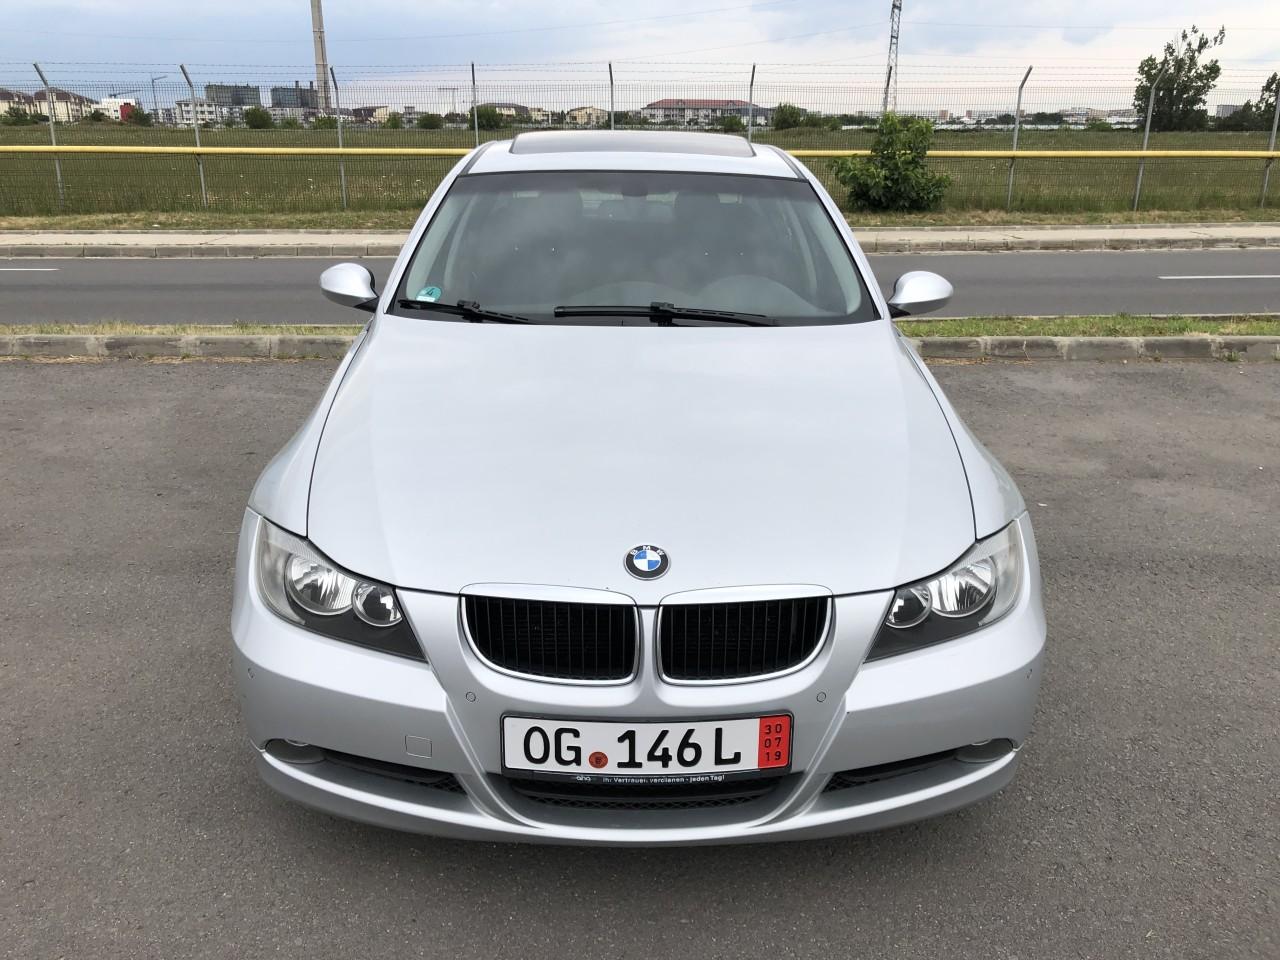 BMW 320 BMW 320d 163Cp / Navigatie / Trapa / Senzori parcare fata+spate /Scaune incalzite /Jante 17 in doua latimi / RECENT ADUSA DIN GERMANIA!!! 2005